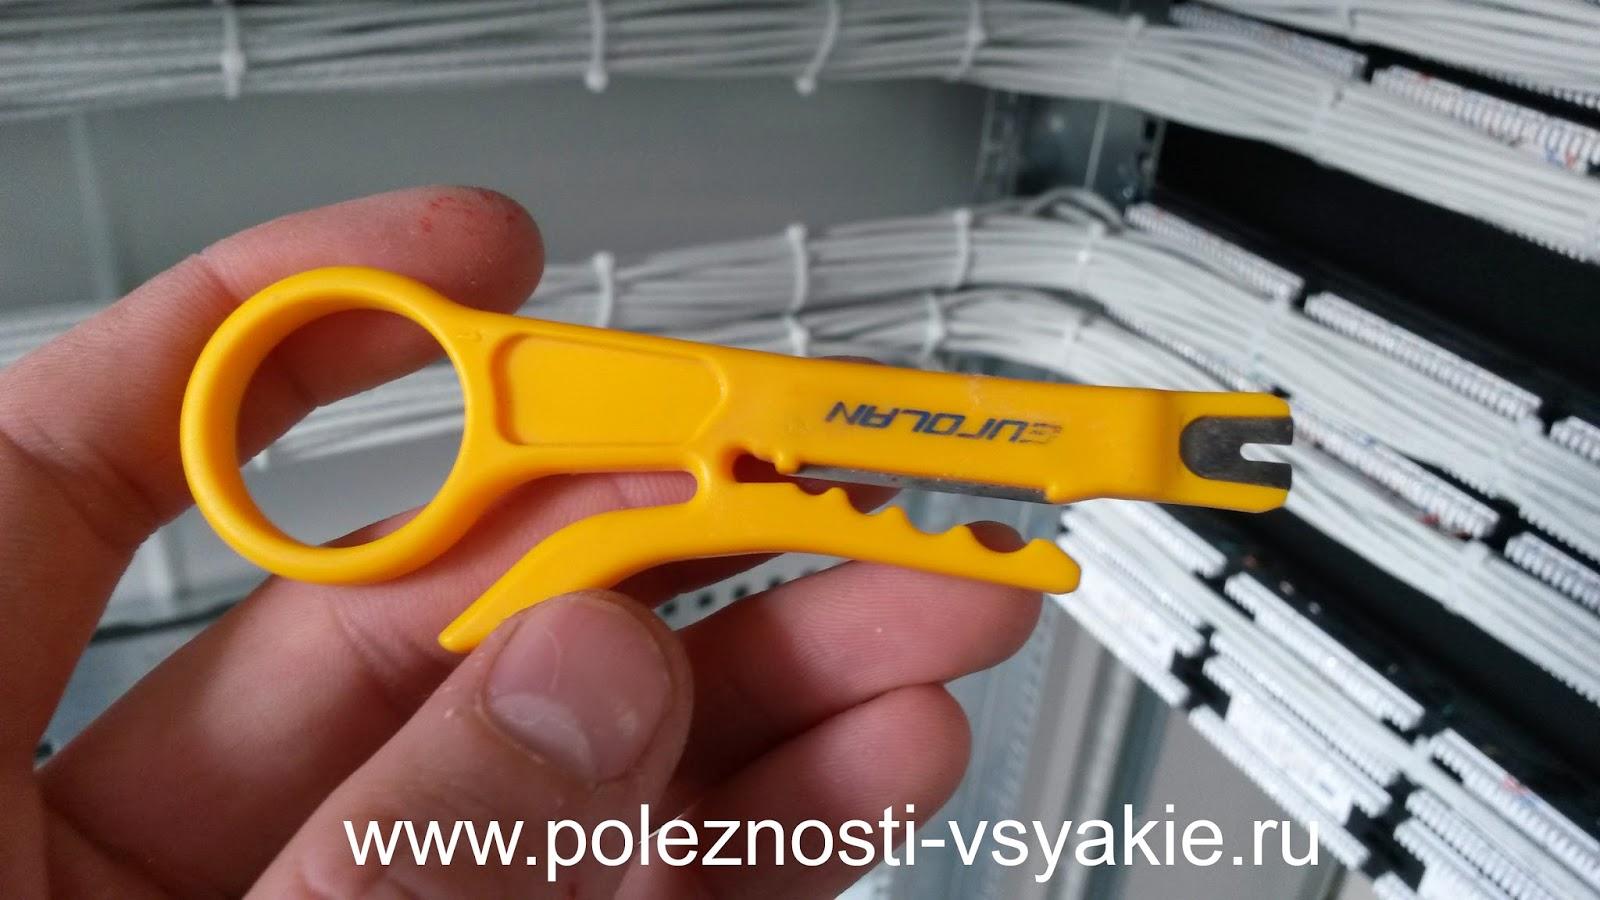 желтый стриппер eurolan для зачистки кабеля utp